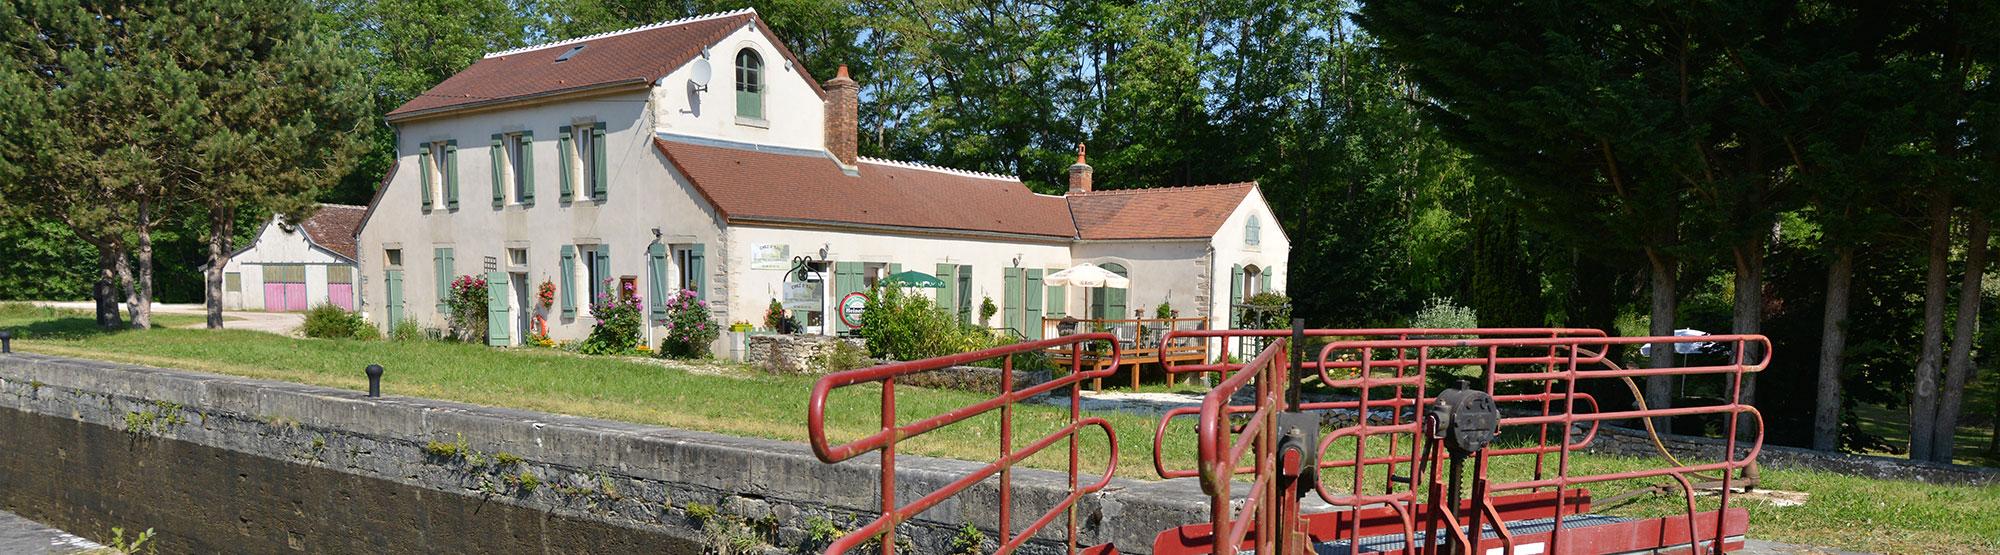 Maison d'hôtes en Bourgogne